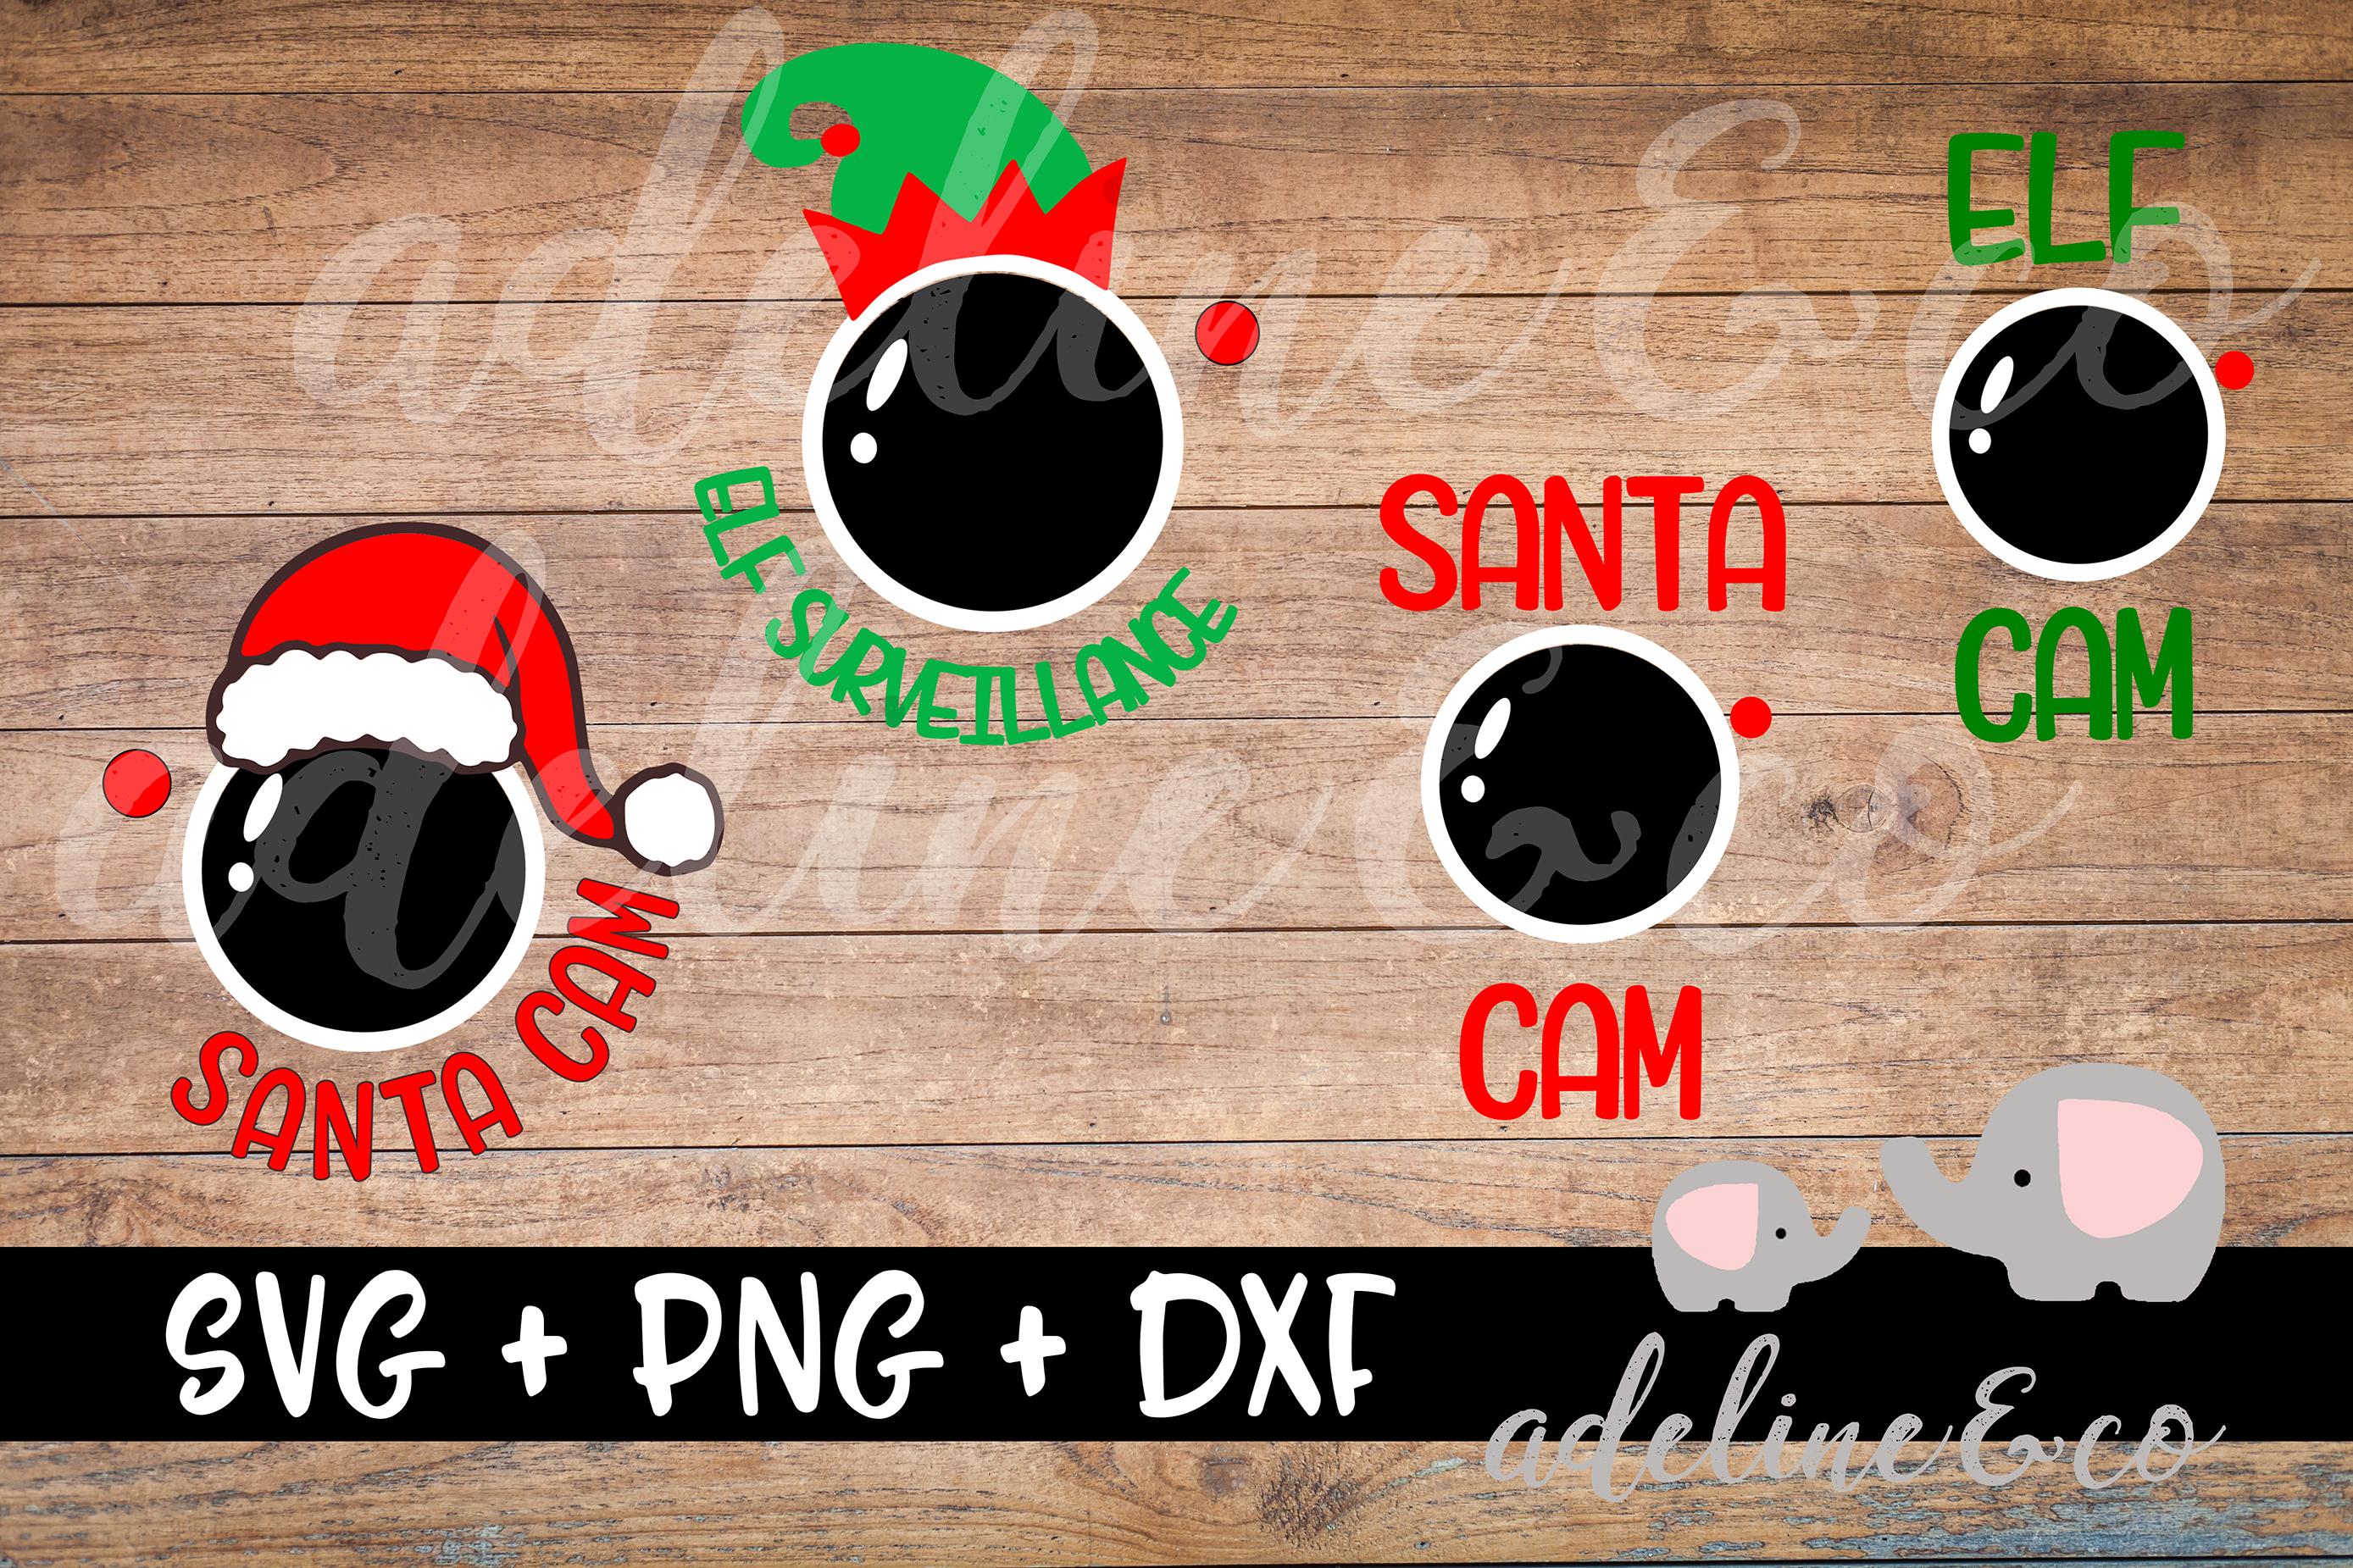 Santa Cam, Elf cam, Bundle SVG PNG DXF example image 1